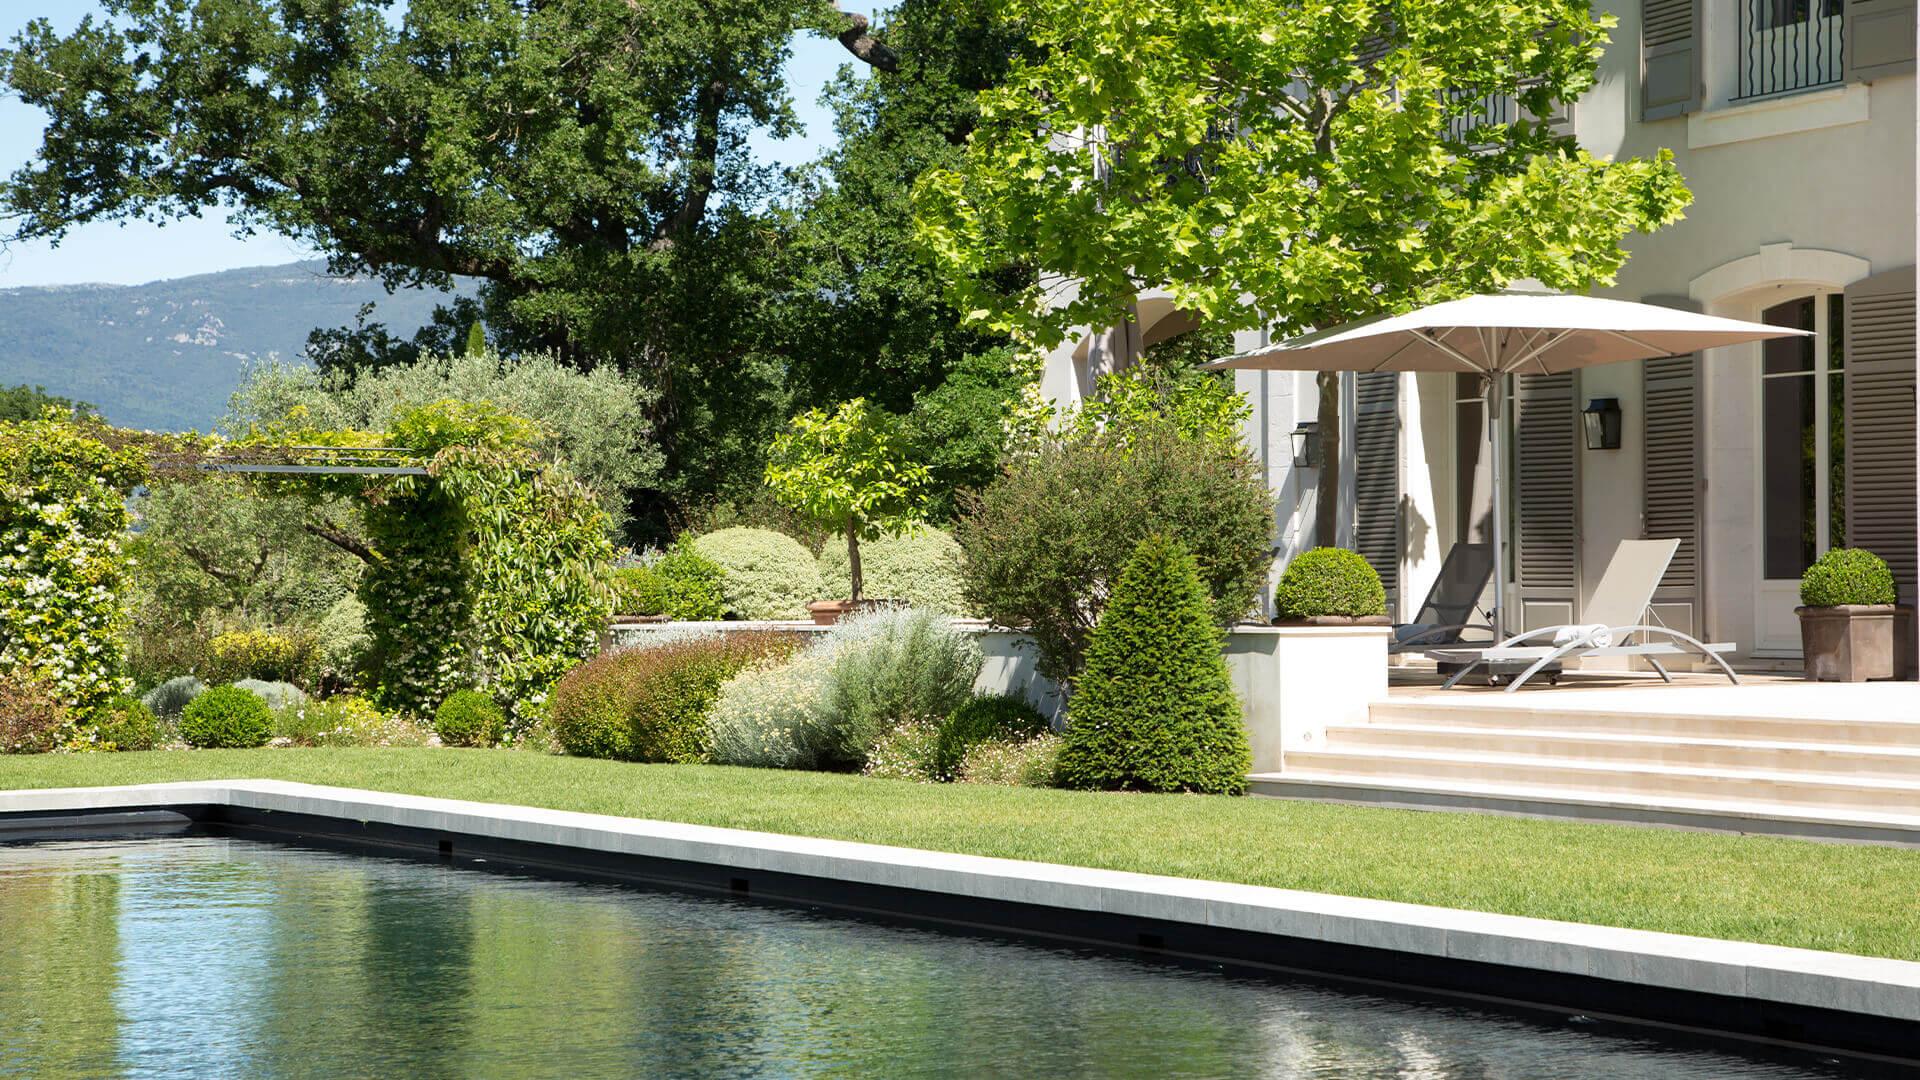 Villa Fayence swimming pool and patio